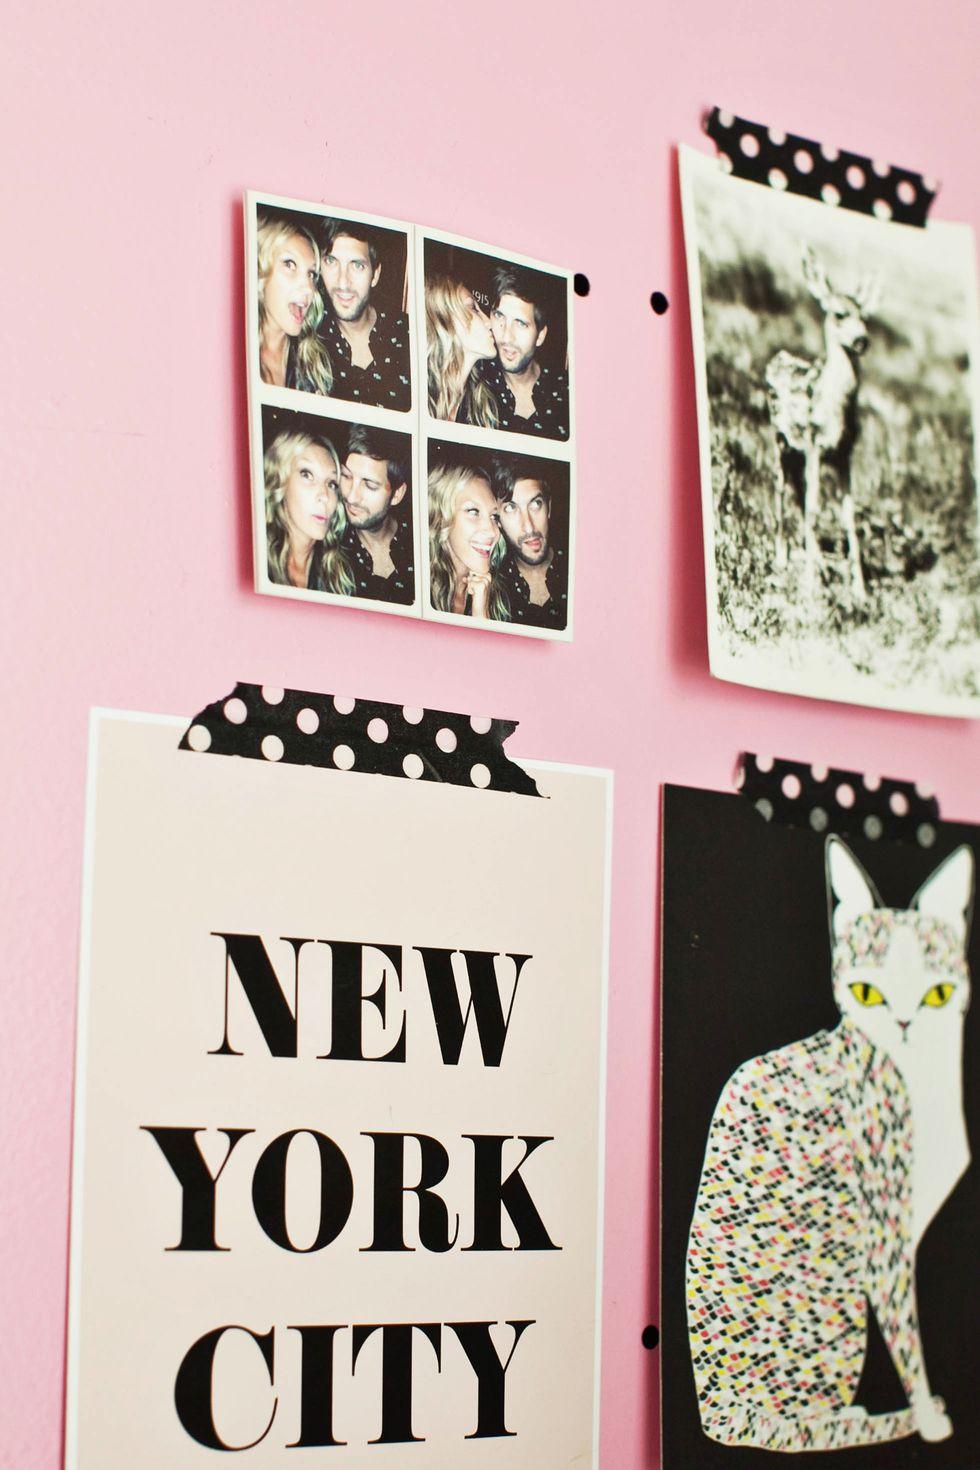 أفكار لتعليق الصور على الحائط - الشرائط اللاصقة الملونة